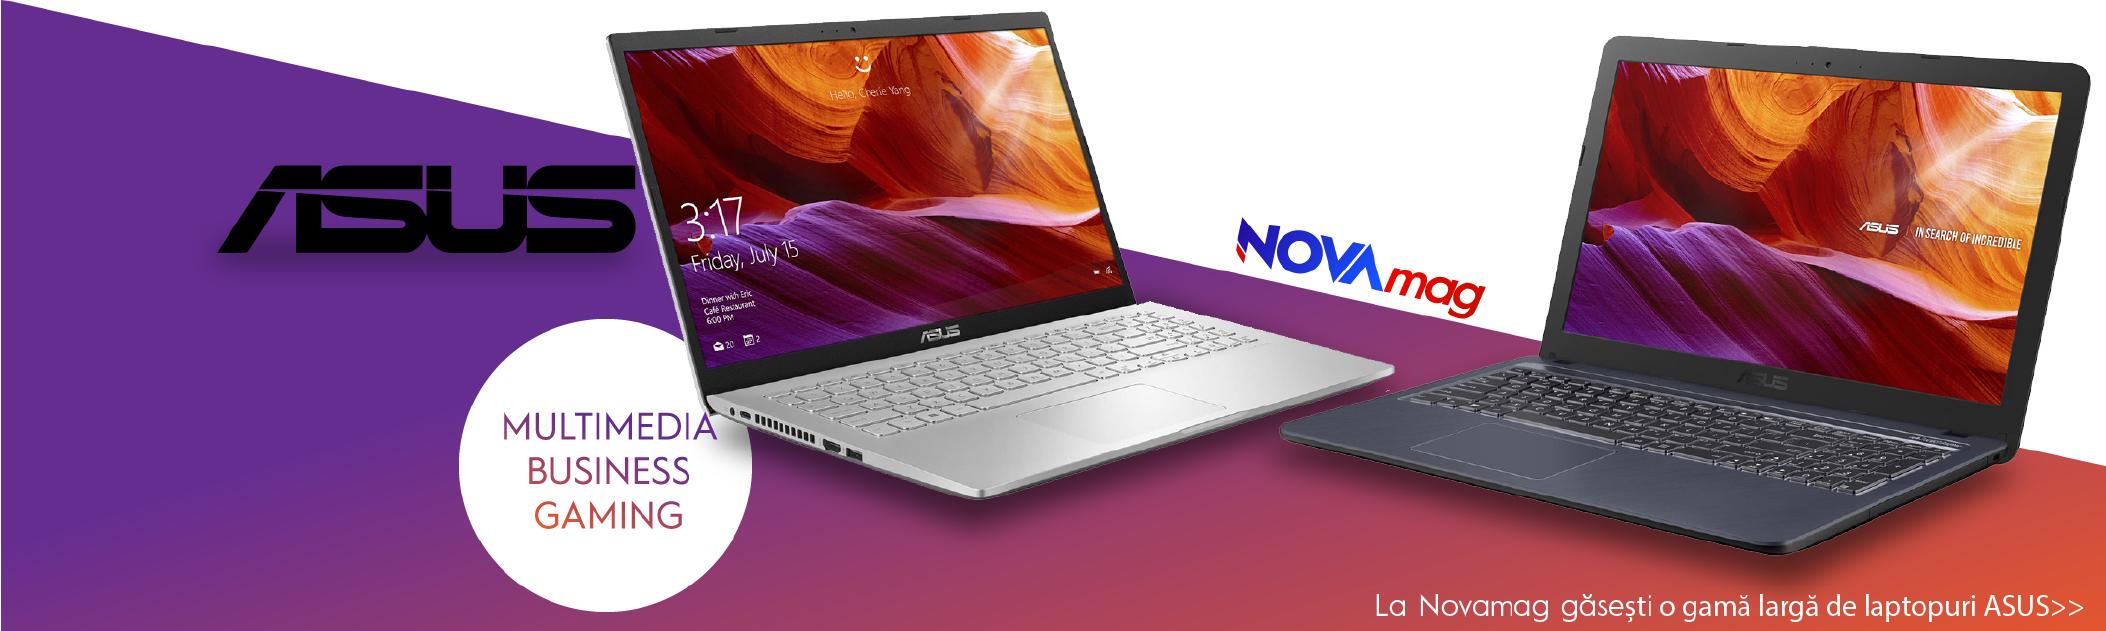 ASUS Laptop Promo